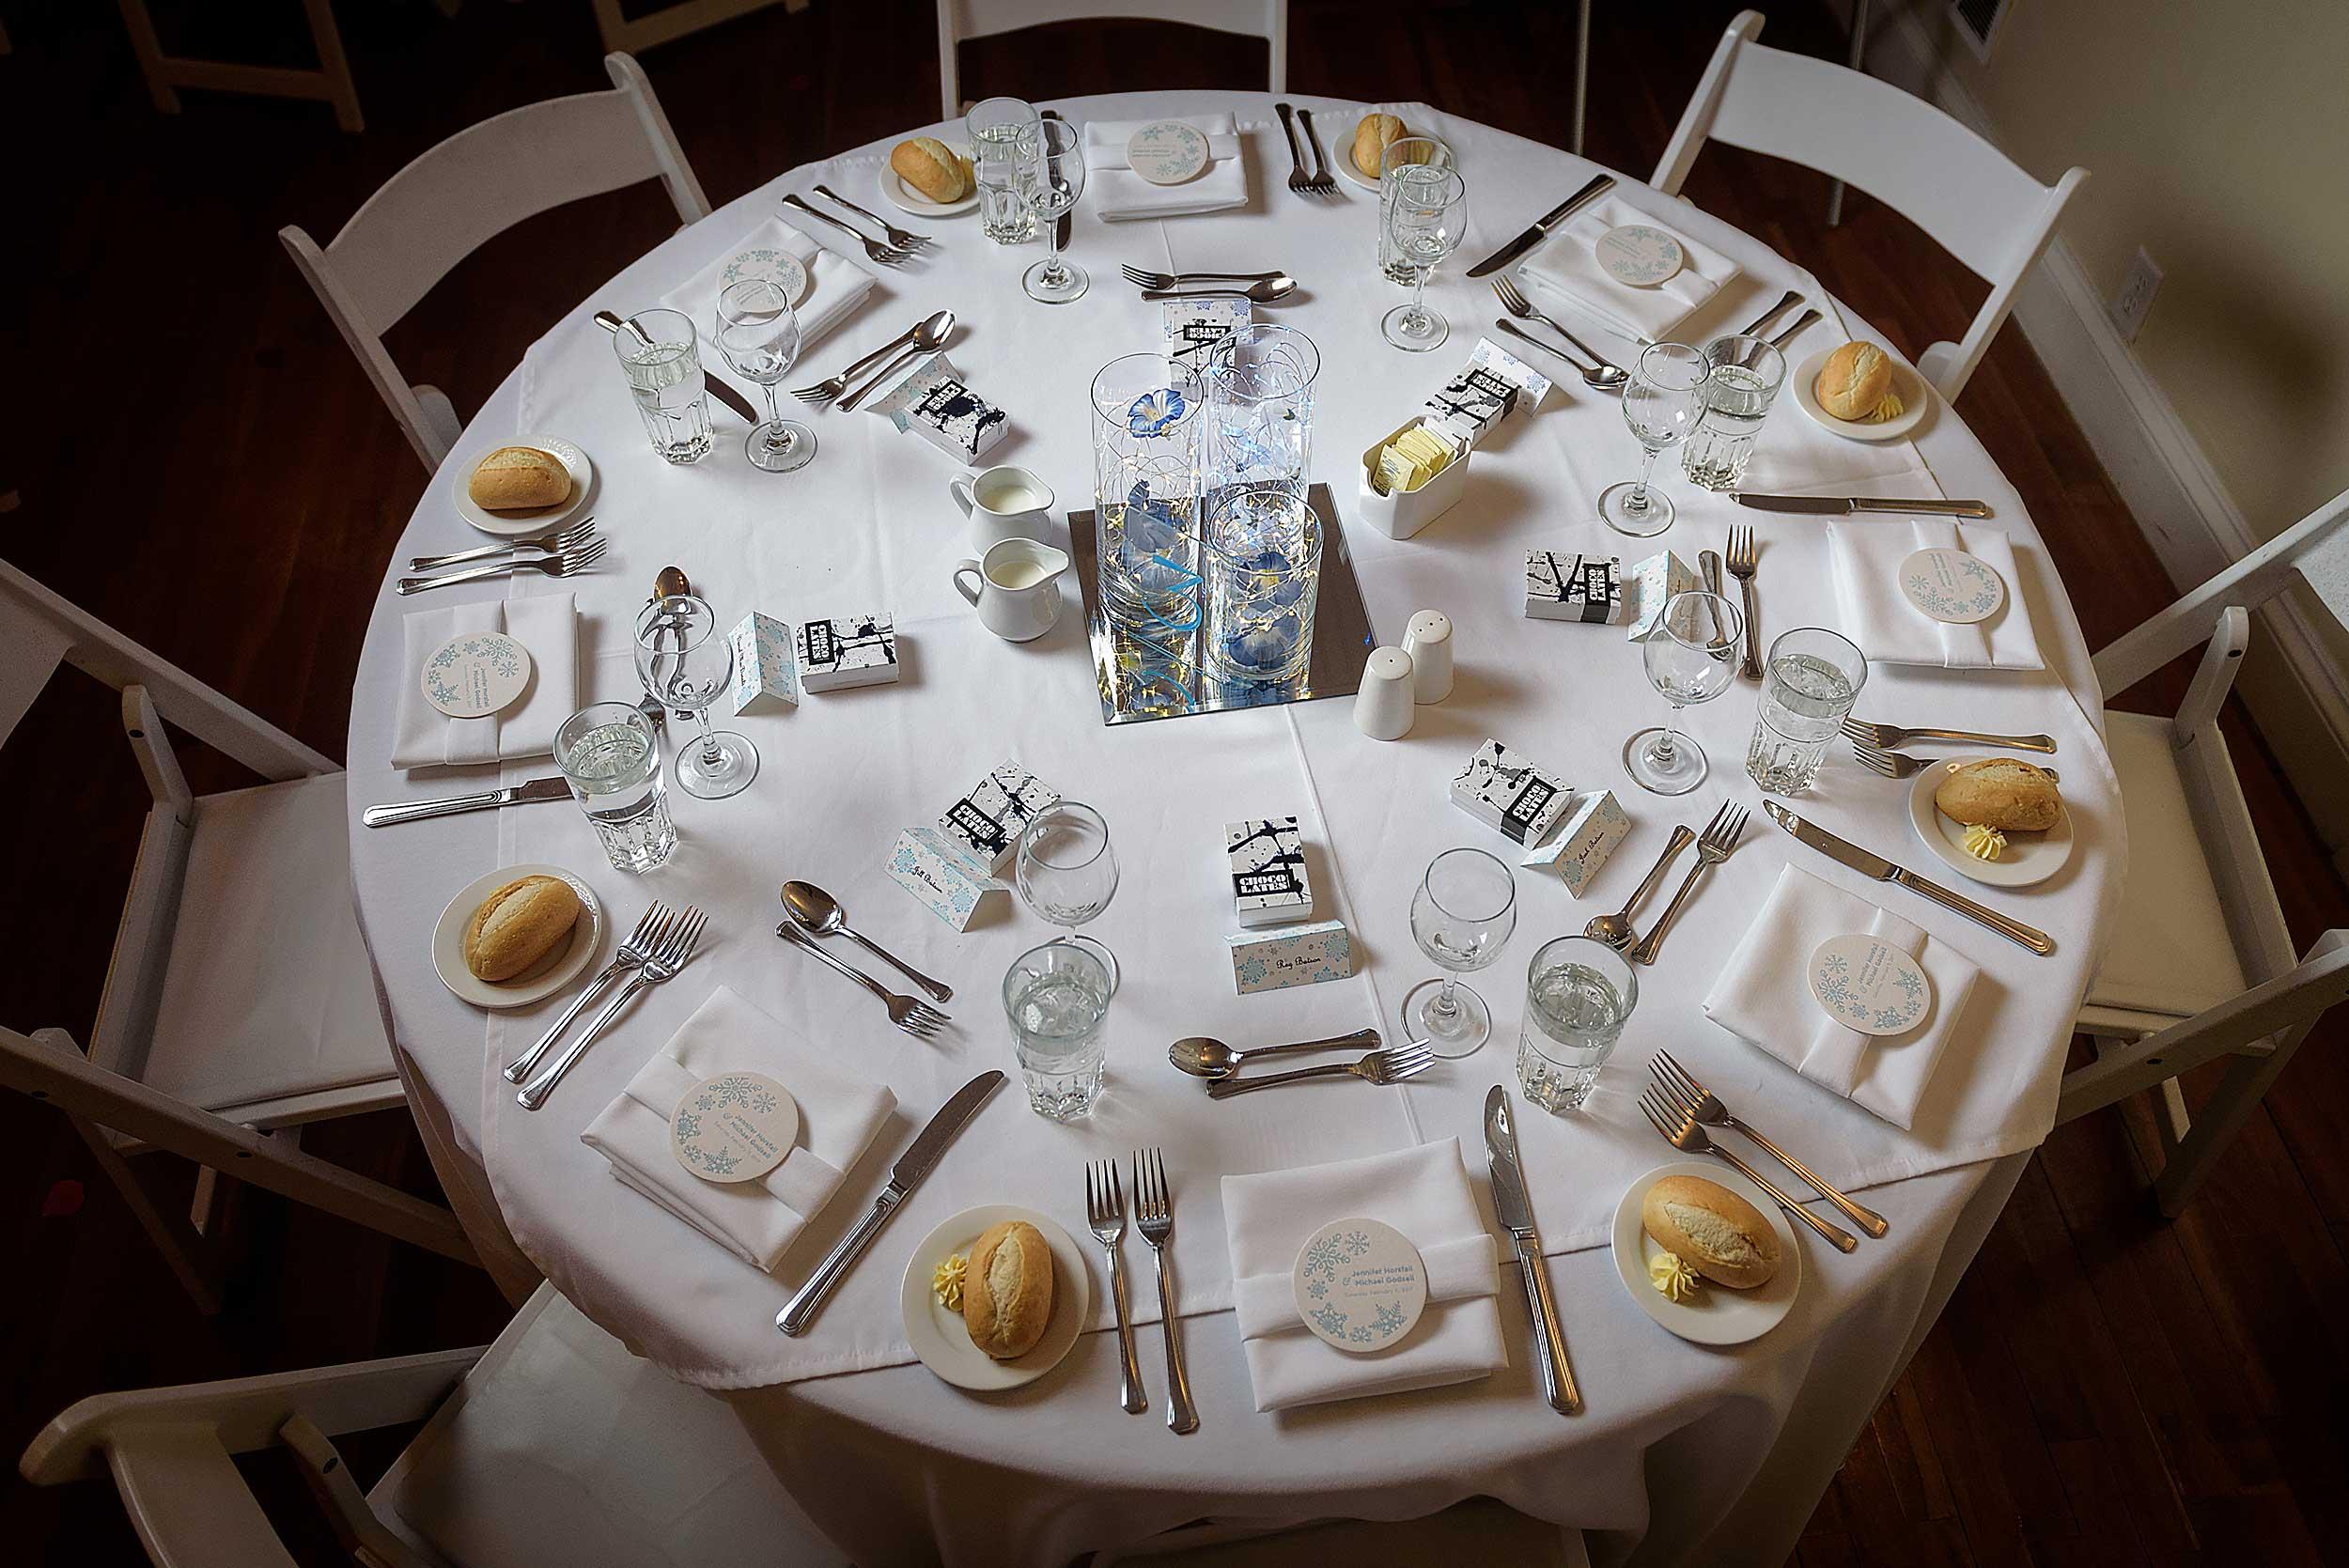 oceanstone-wedding-table.jpg